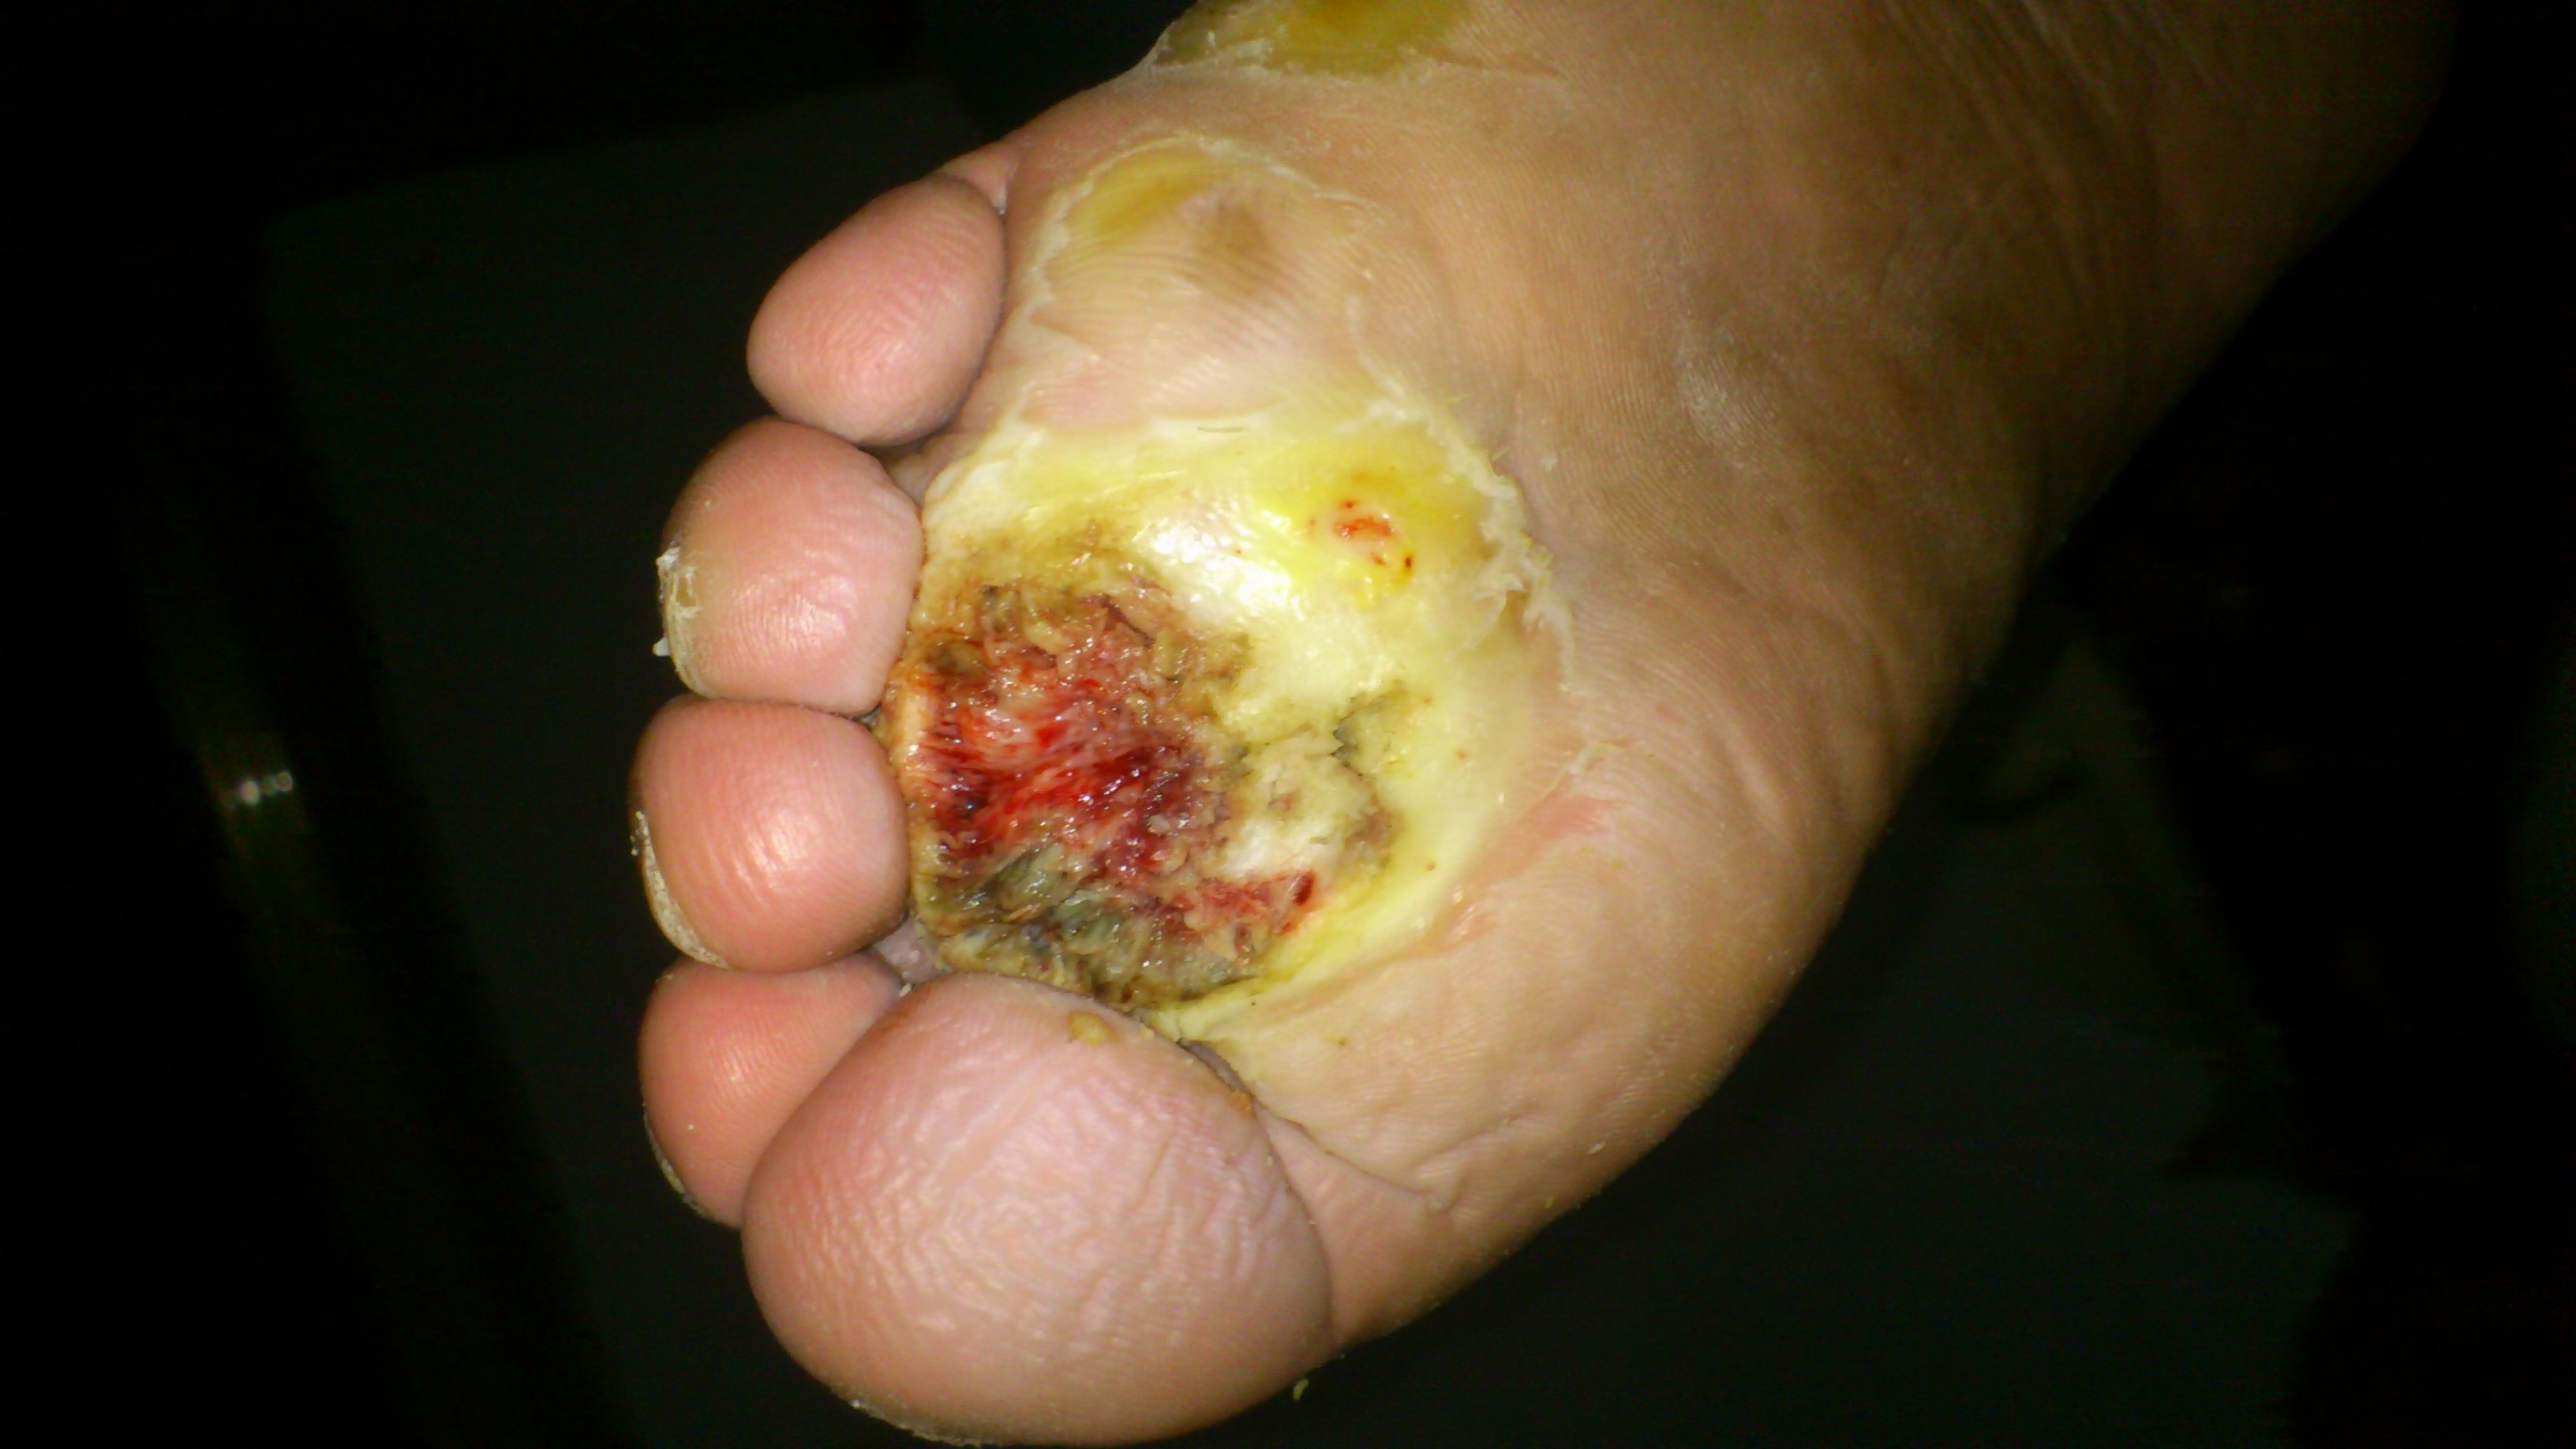 脚坏死一直在腐烂,怎么样才能治好